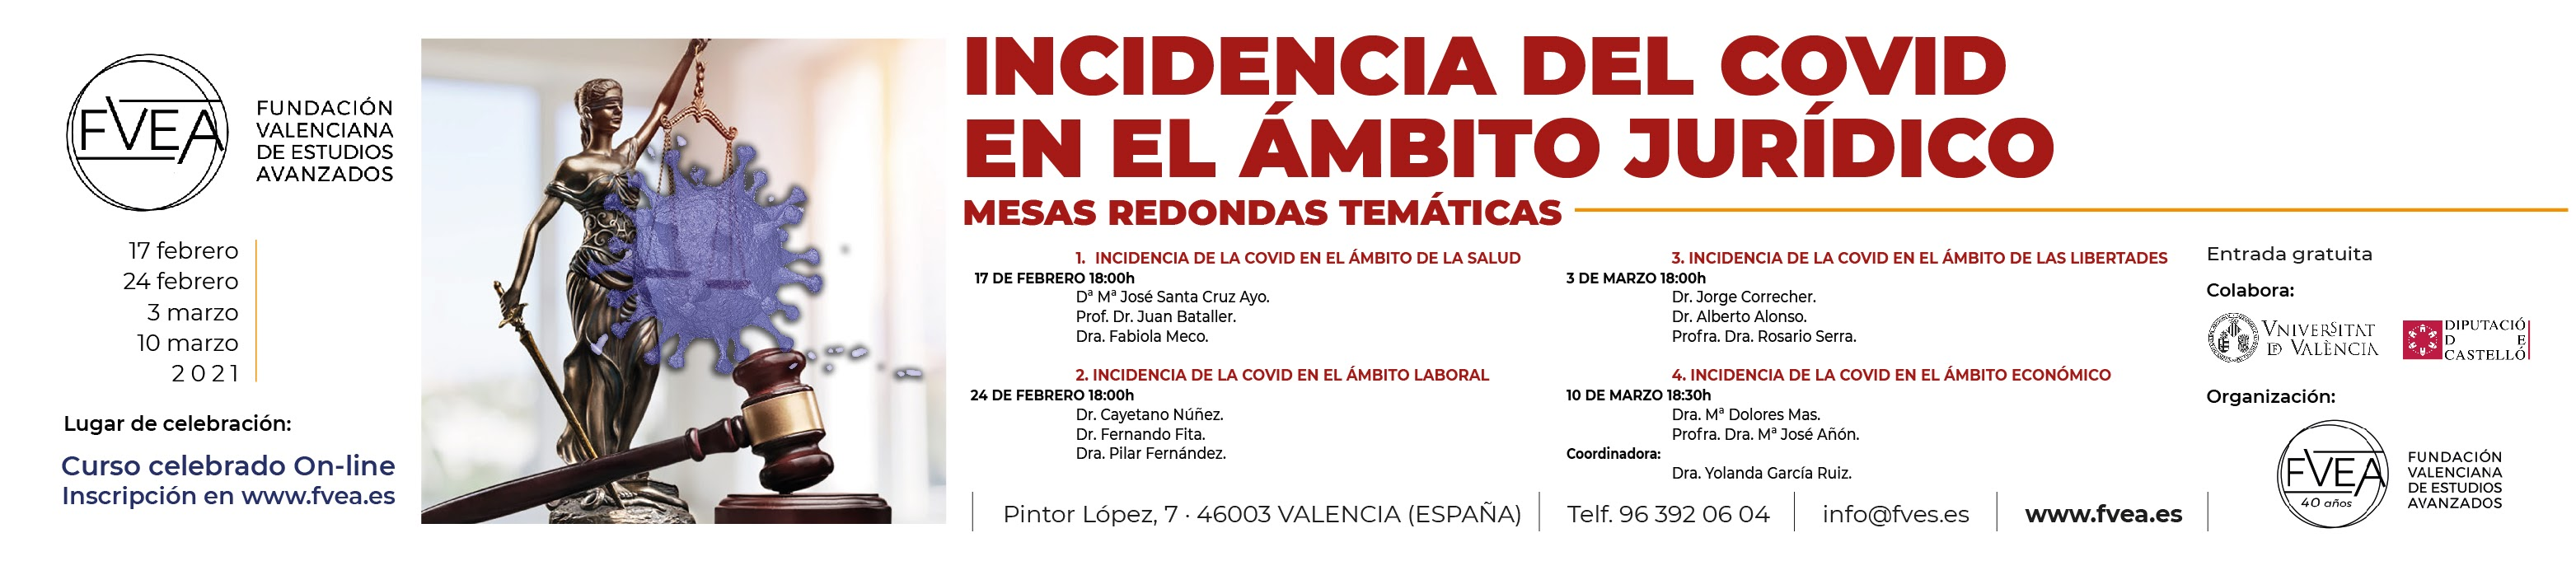 FORMACIÓN: COVID EN EL ÁMBITO JURÍDICO